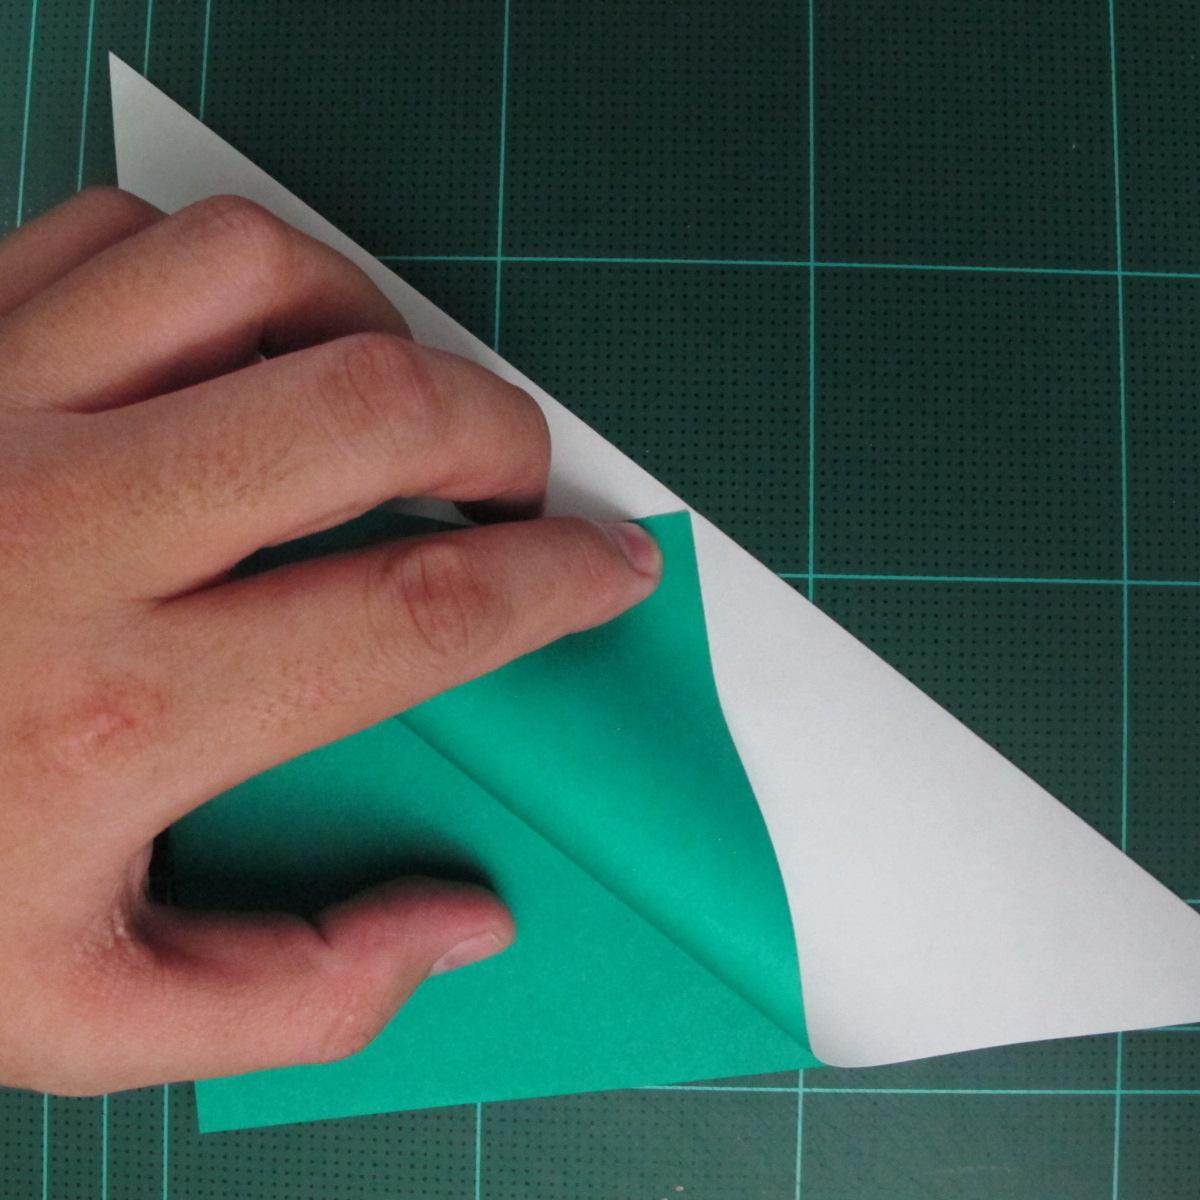 การพับกระดาษเป็นรูปเรือมังกร (Origami Dragon Boat) 006